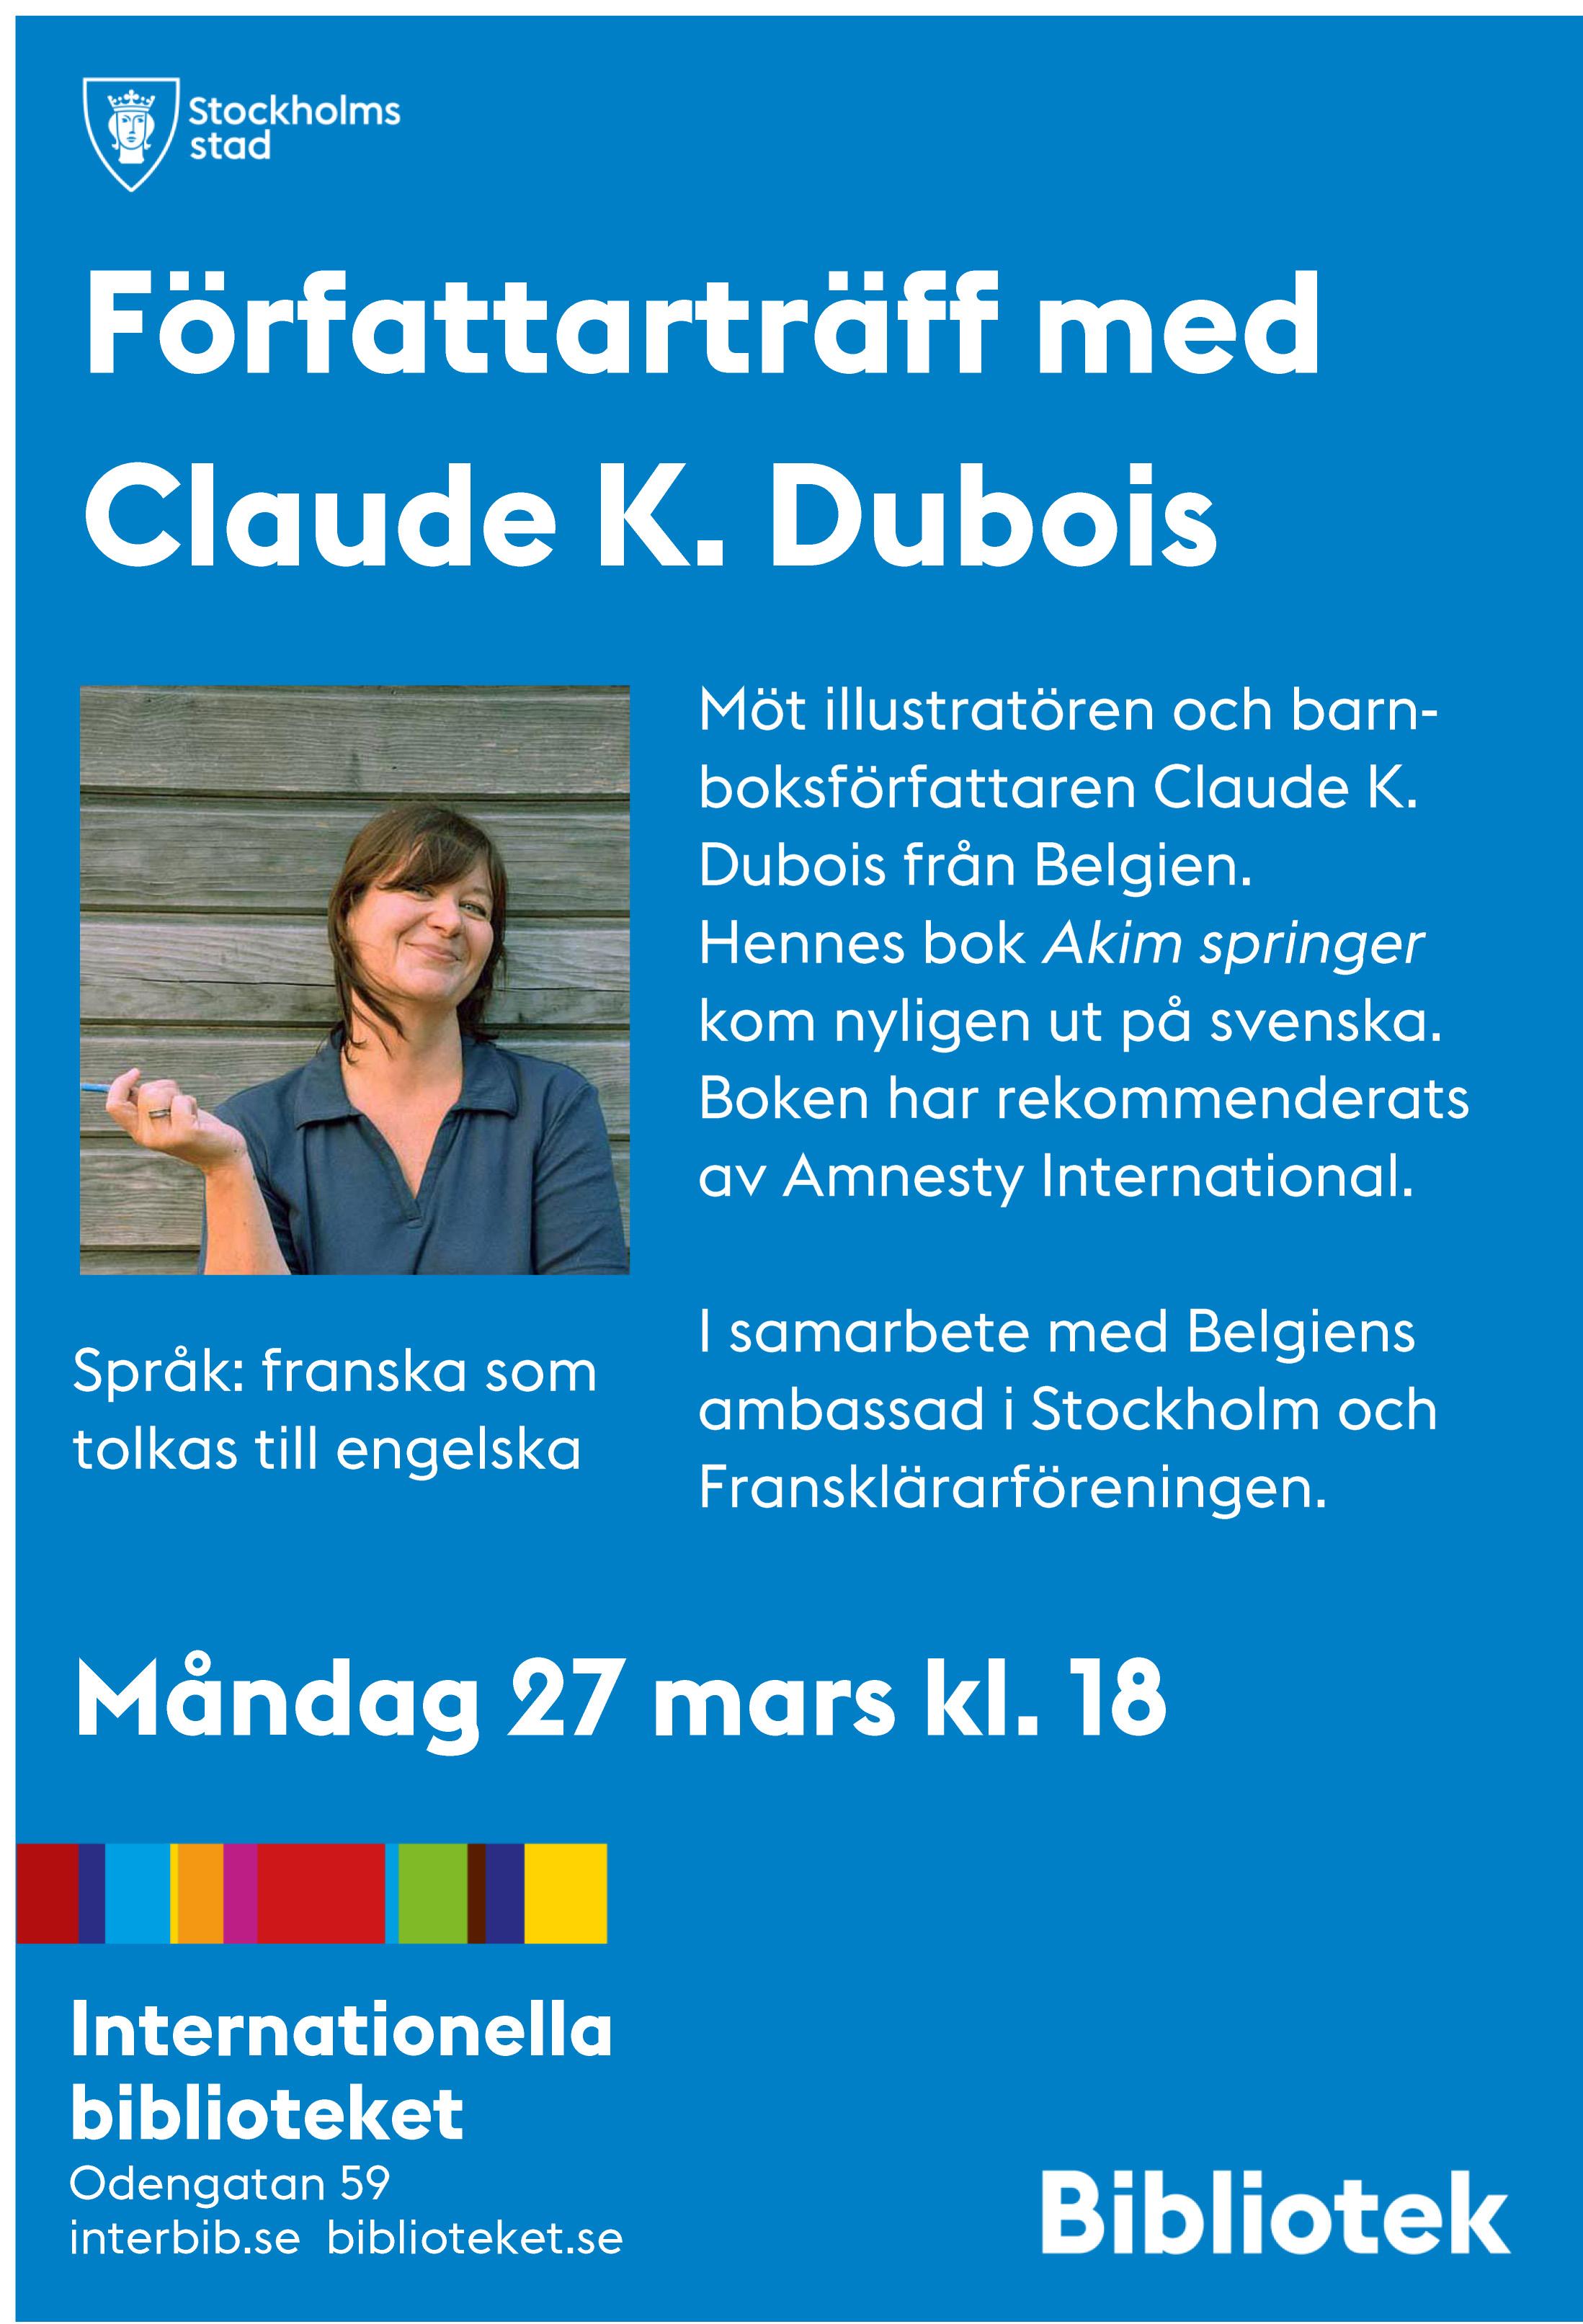 ClaudeKDubois2